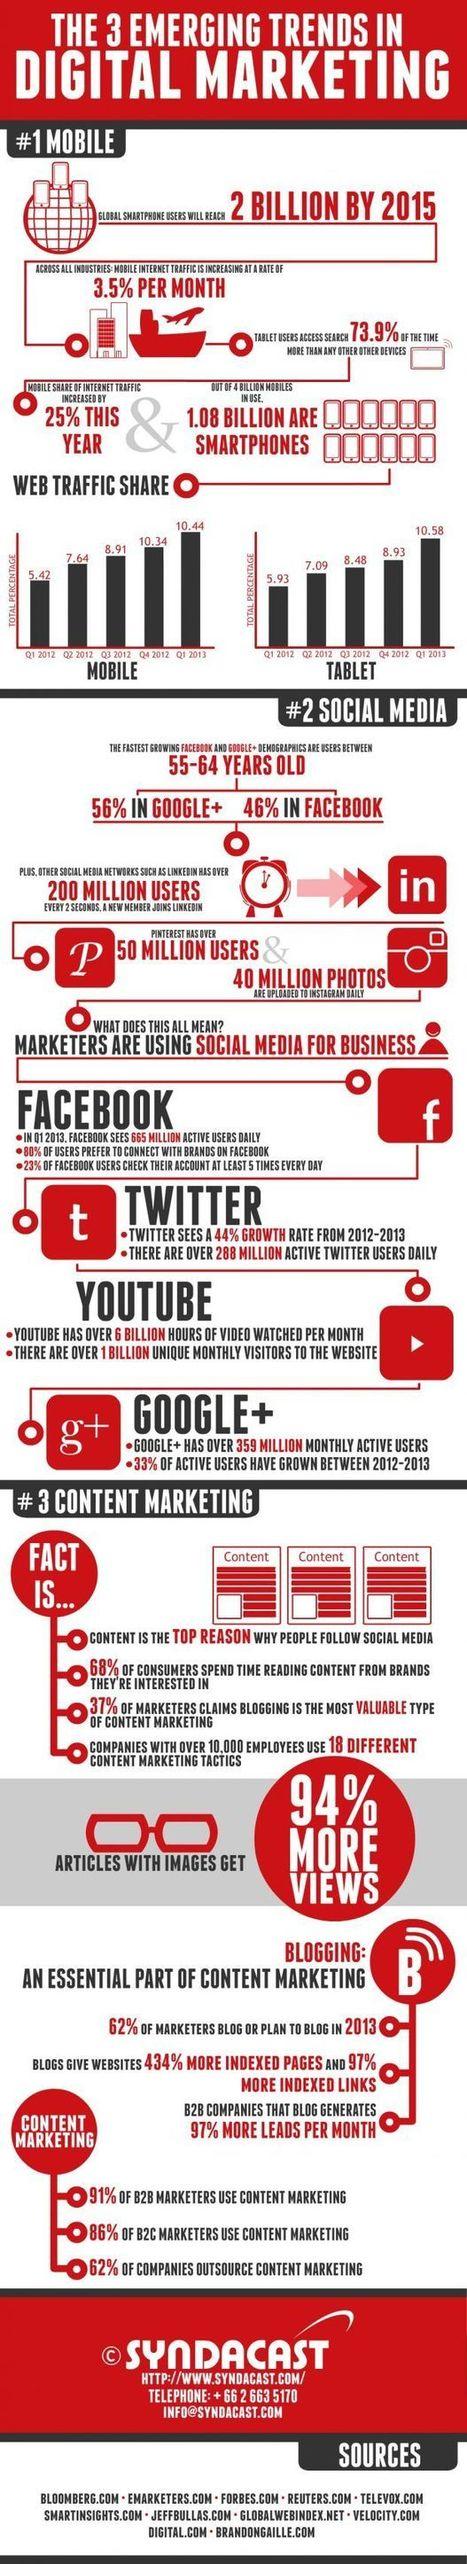 Social Media | Marketing to Millennials - Social Media | Scoop.it